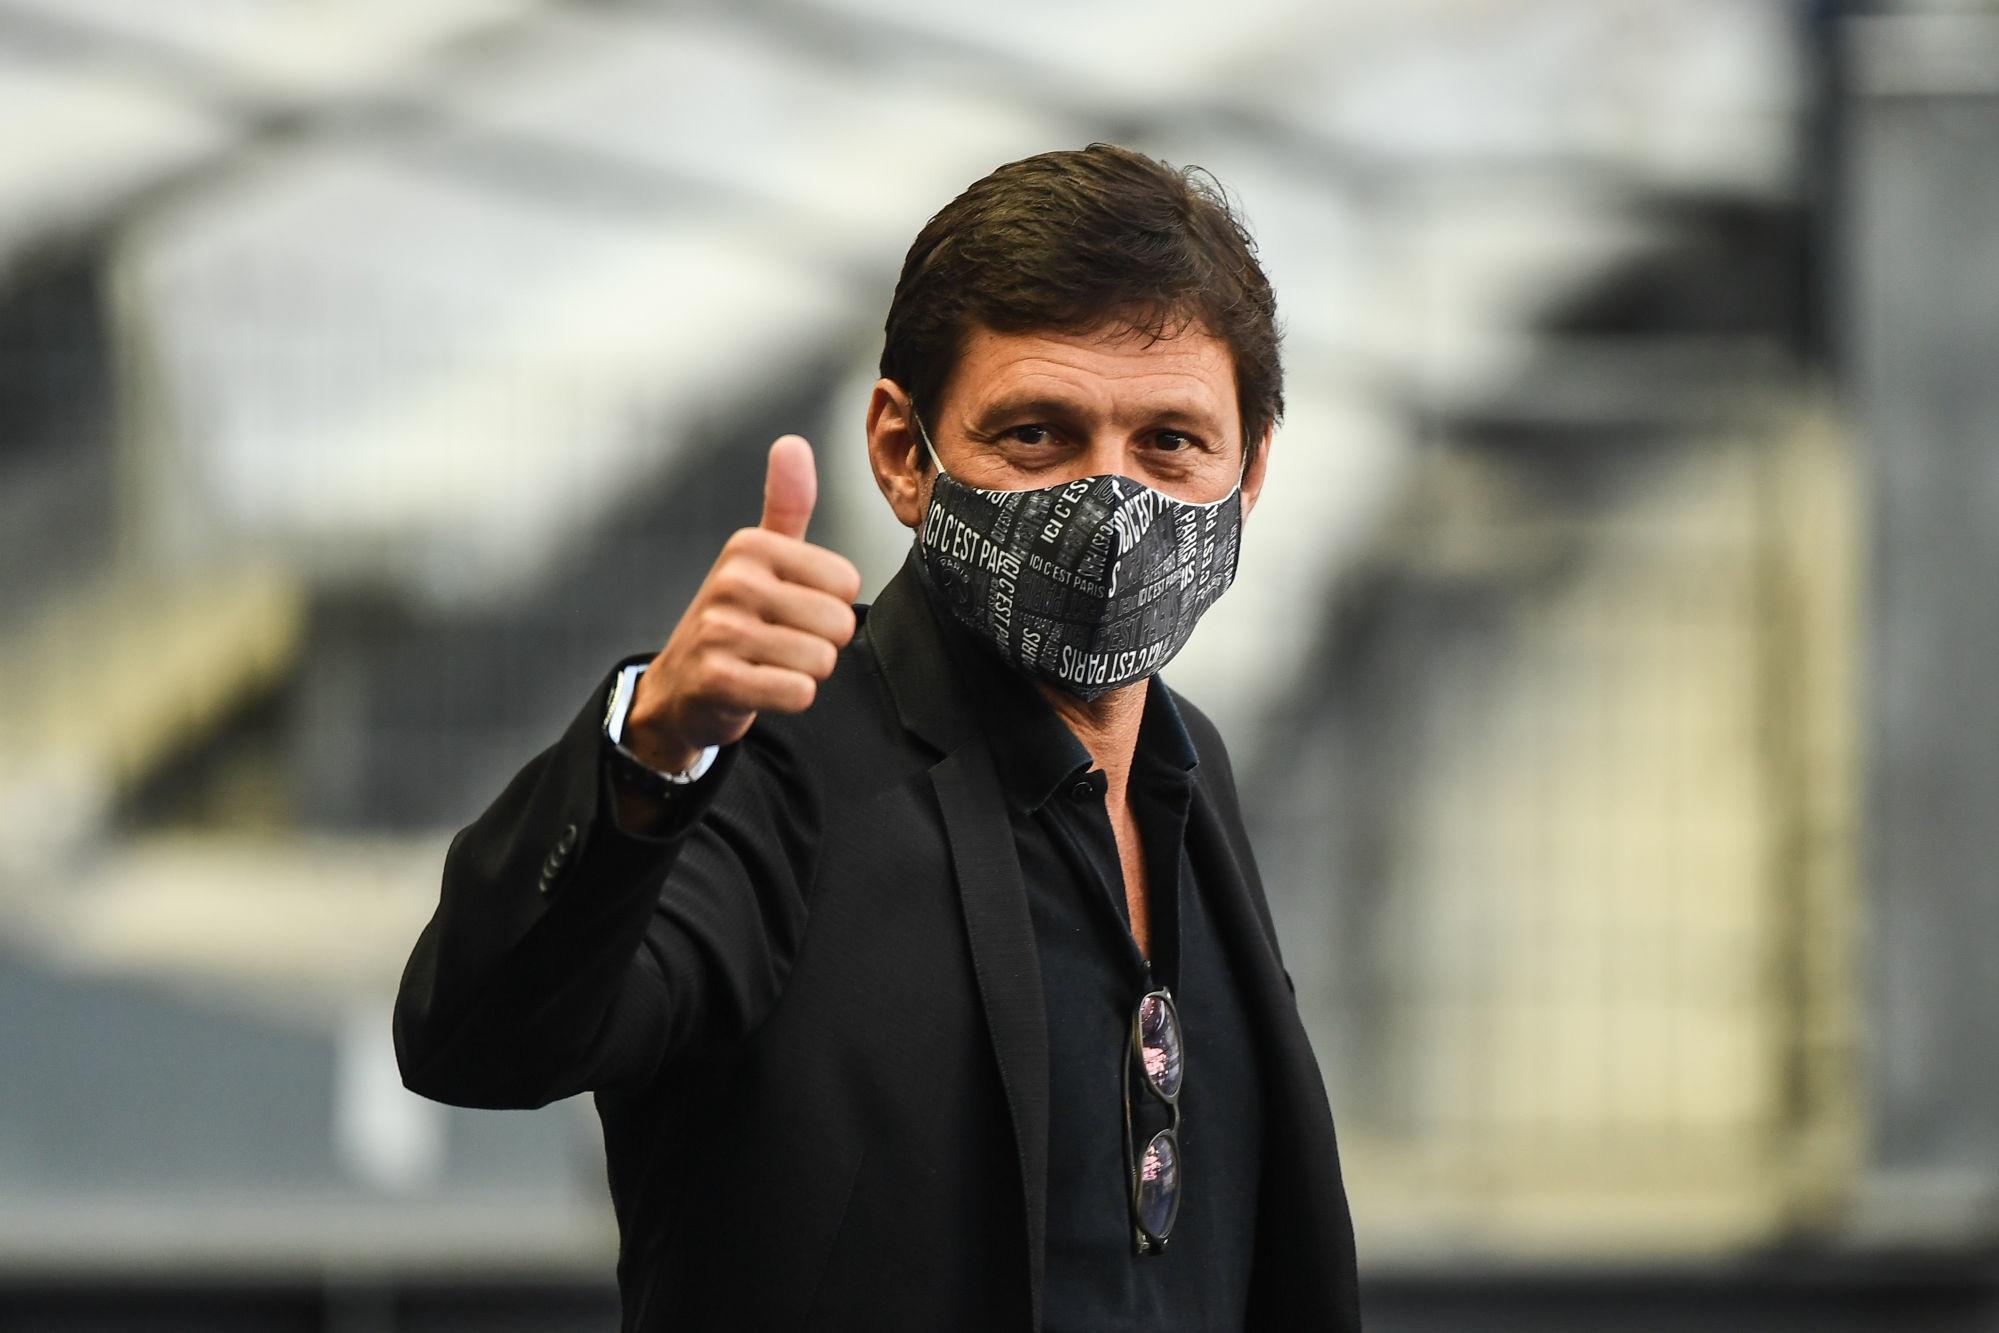 Leonardo critique la LFP, et fait le point sur le mercato, Tuchel, ainsi que Neymar et Mbappé